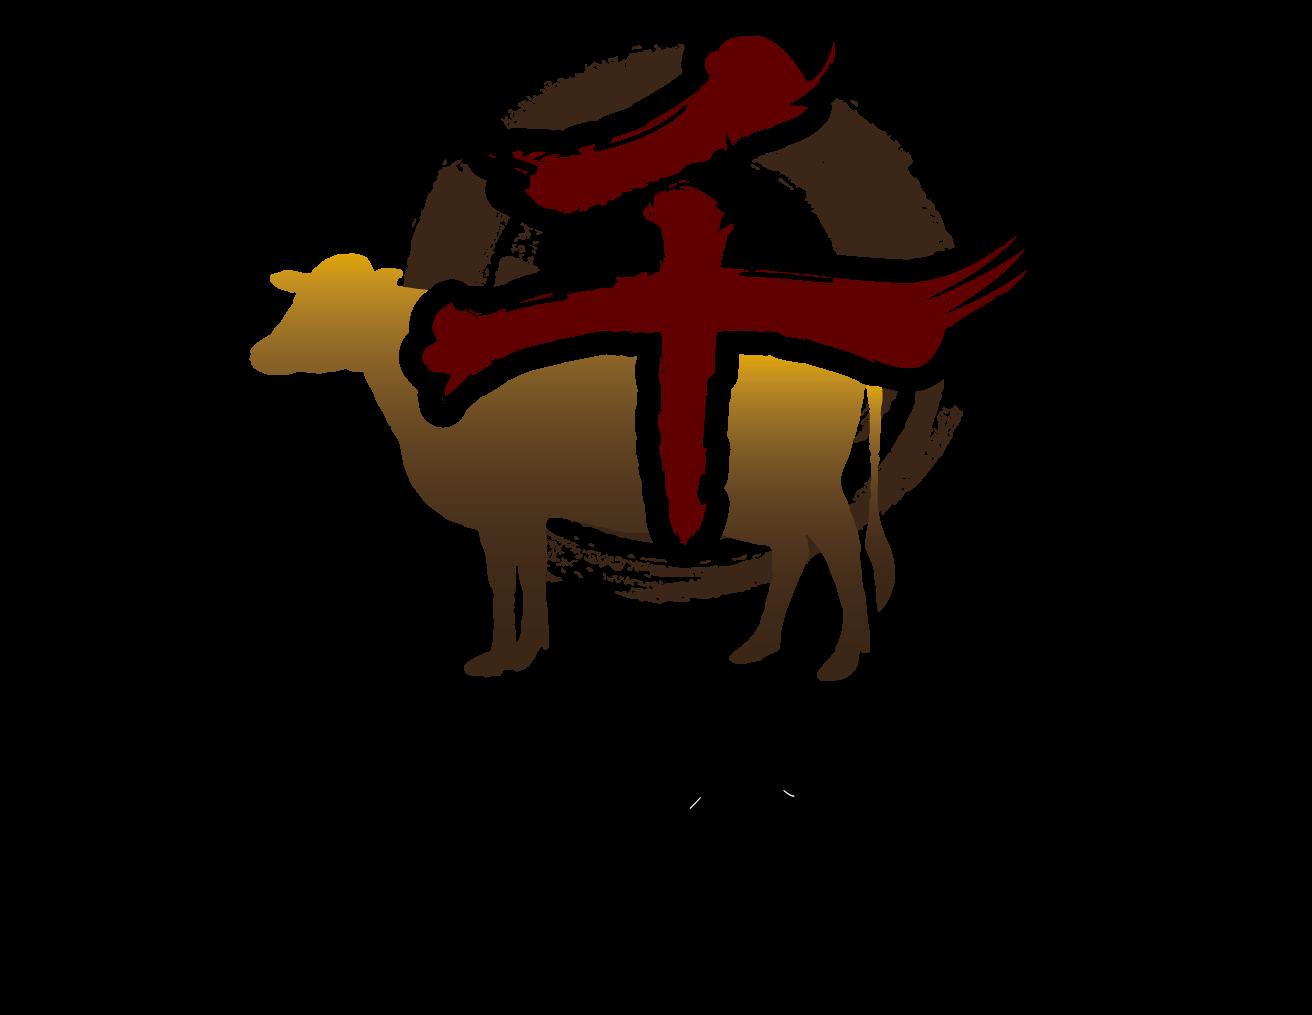 農業/農園/酪農/畜産/水産と和風/筆タッチと茶のロゴ